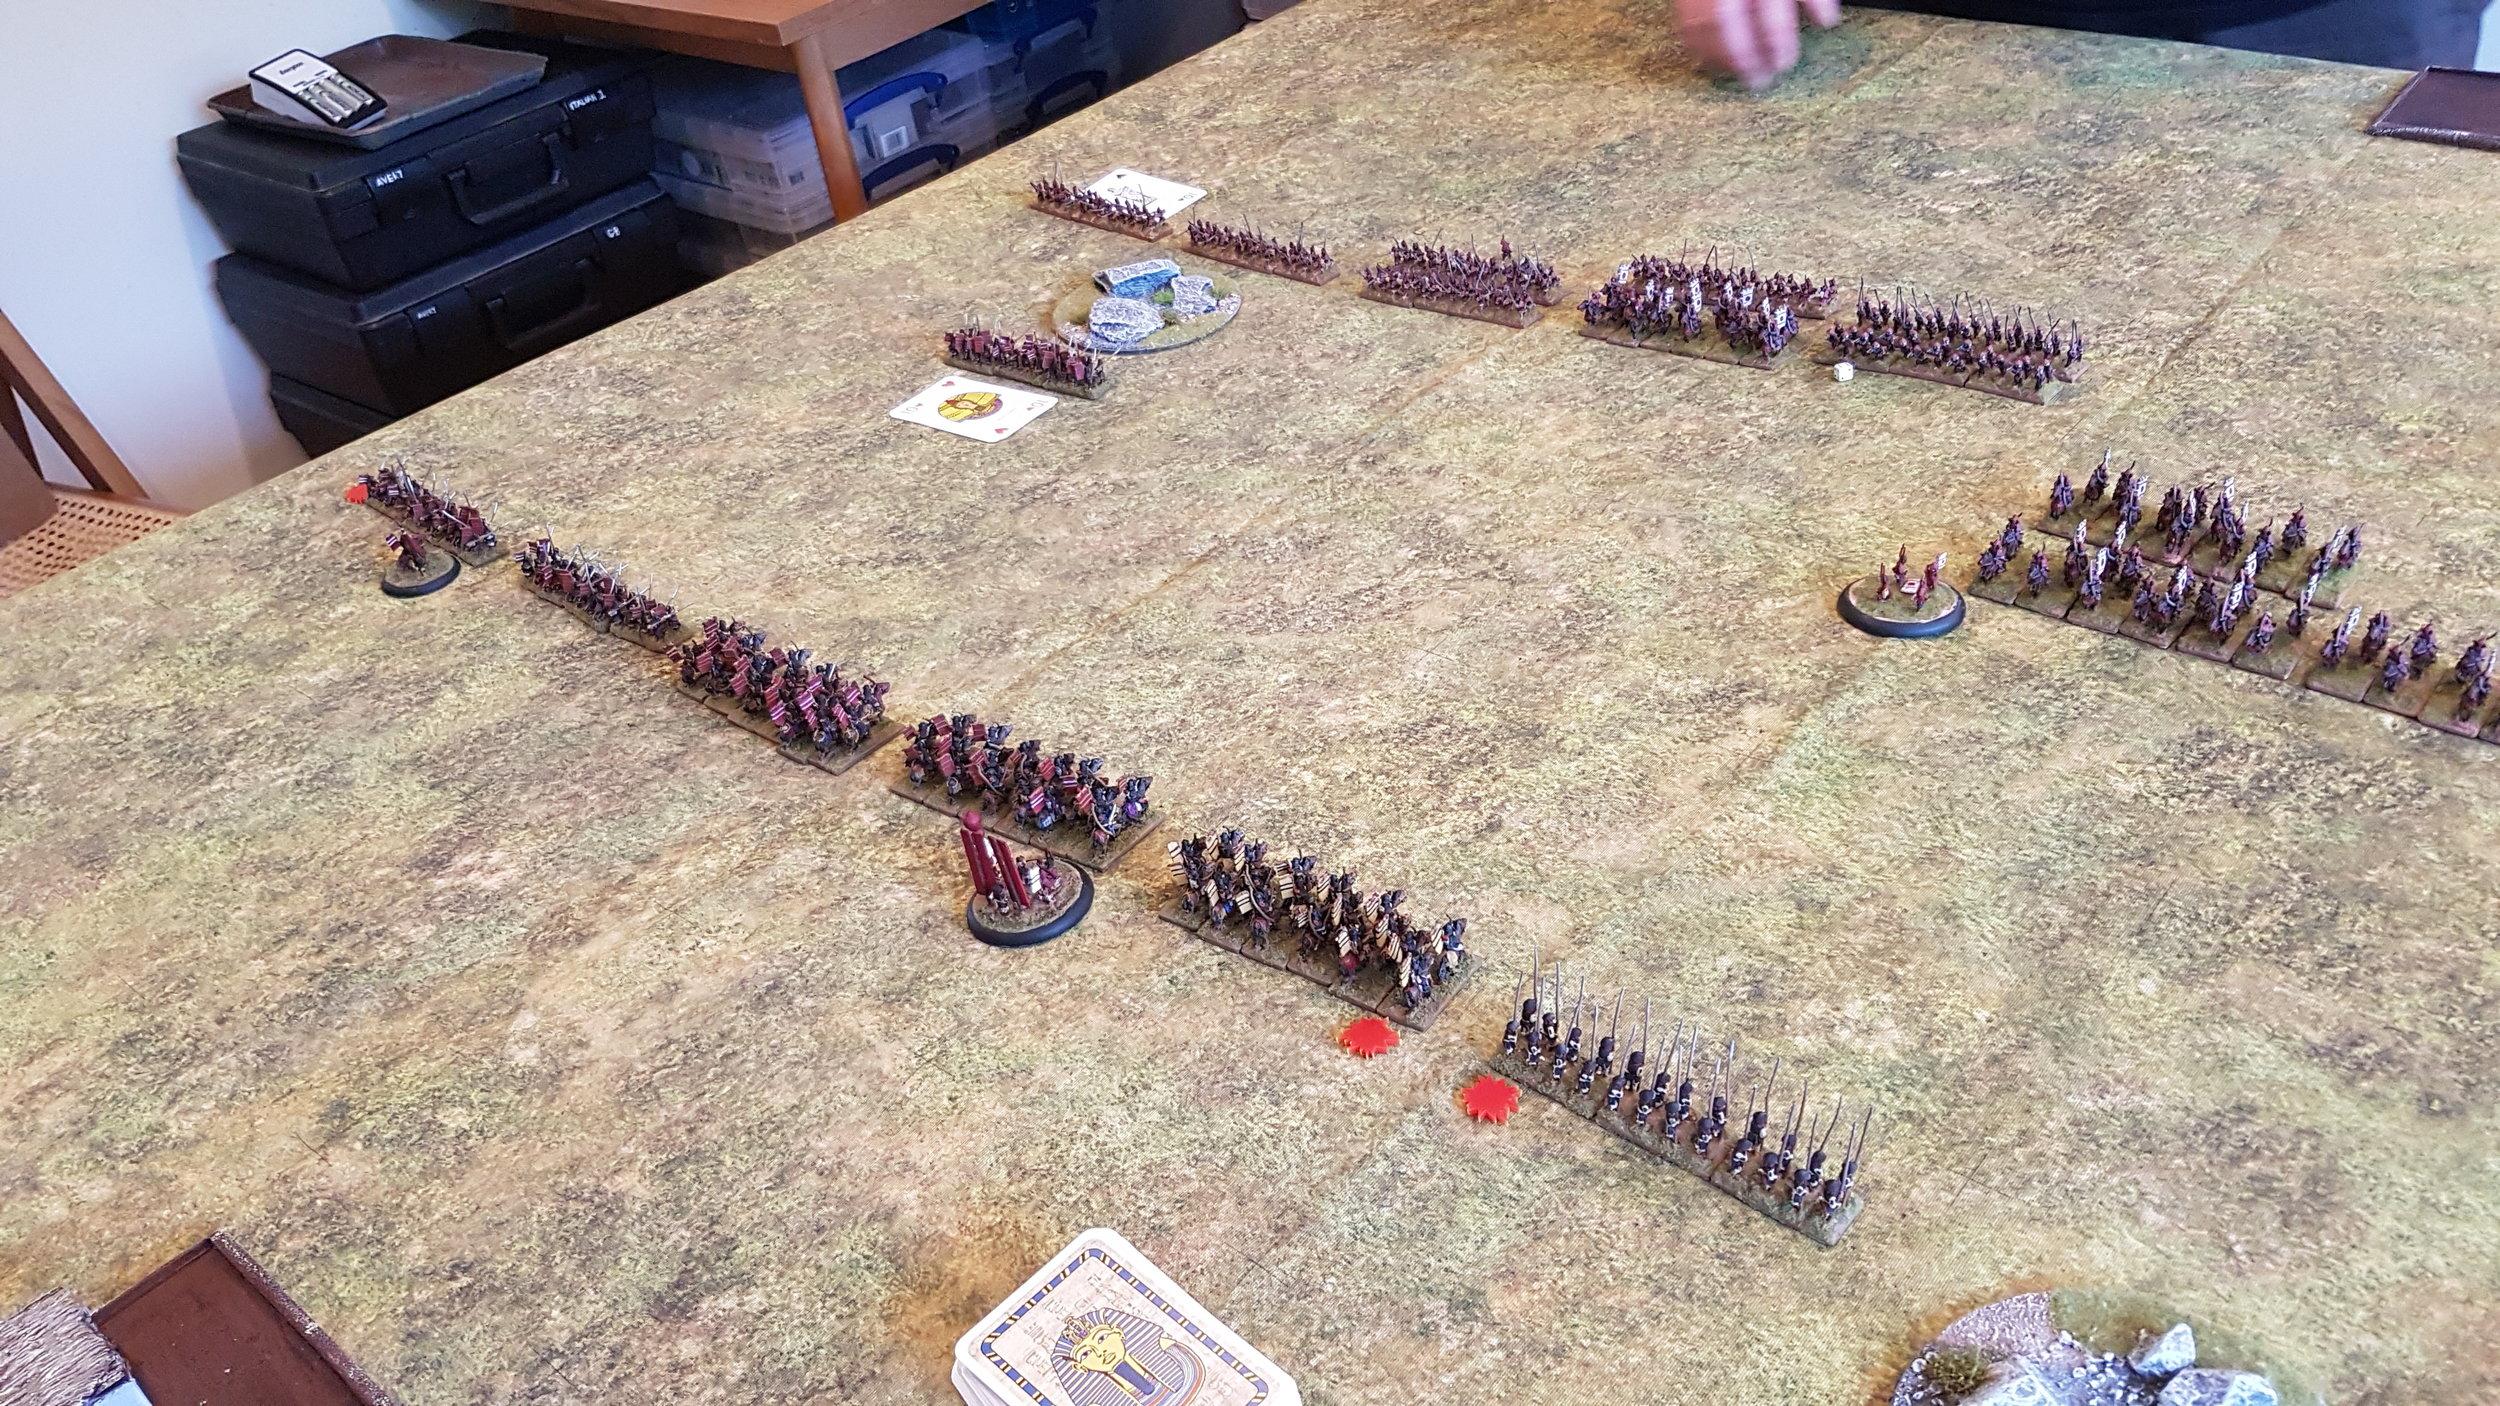 My left flank moves forward